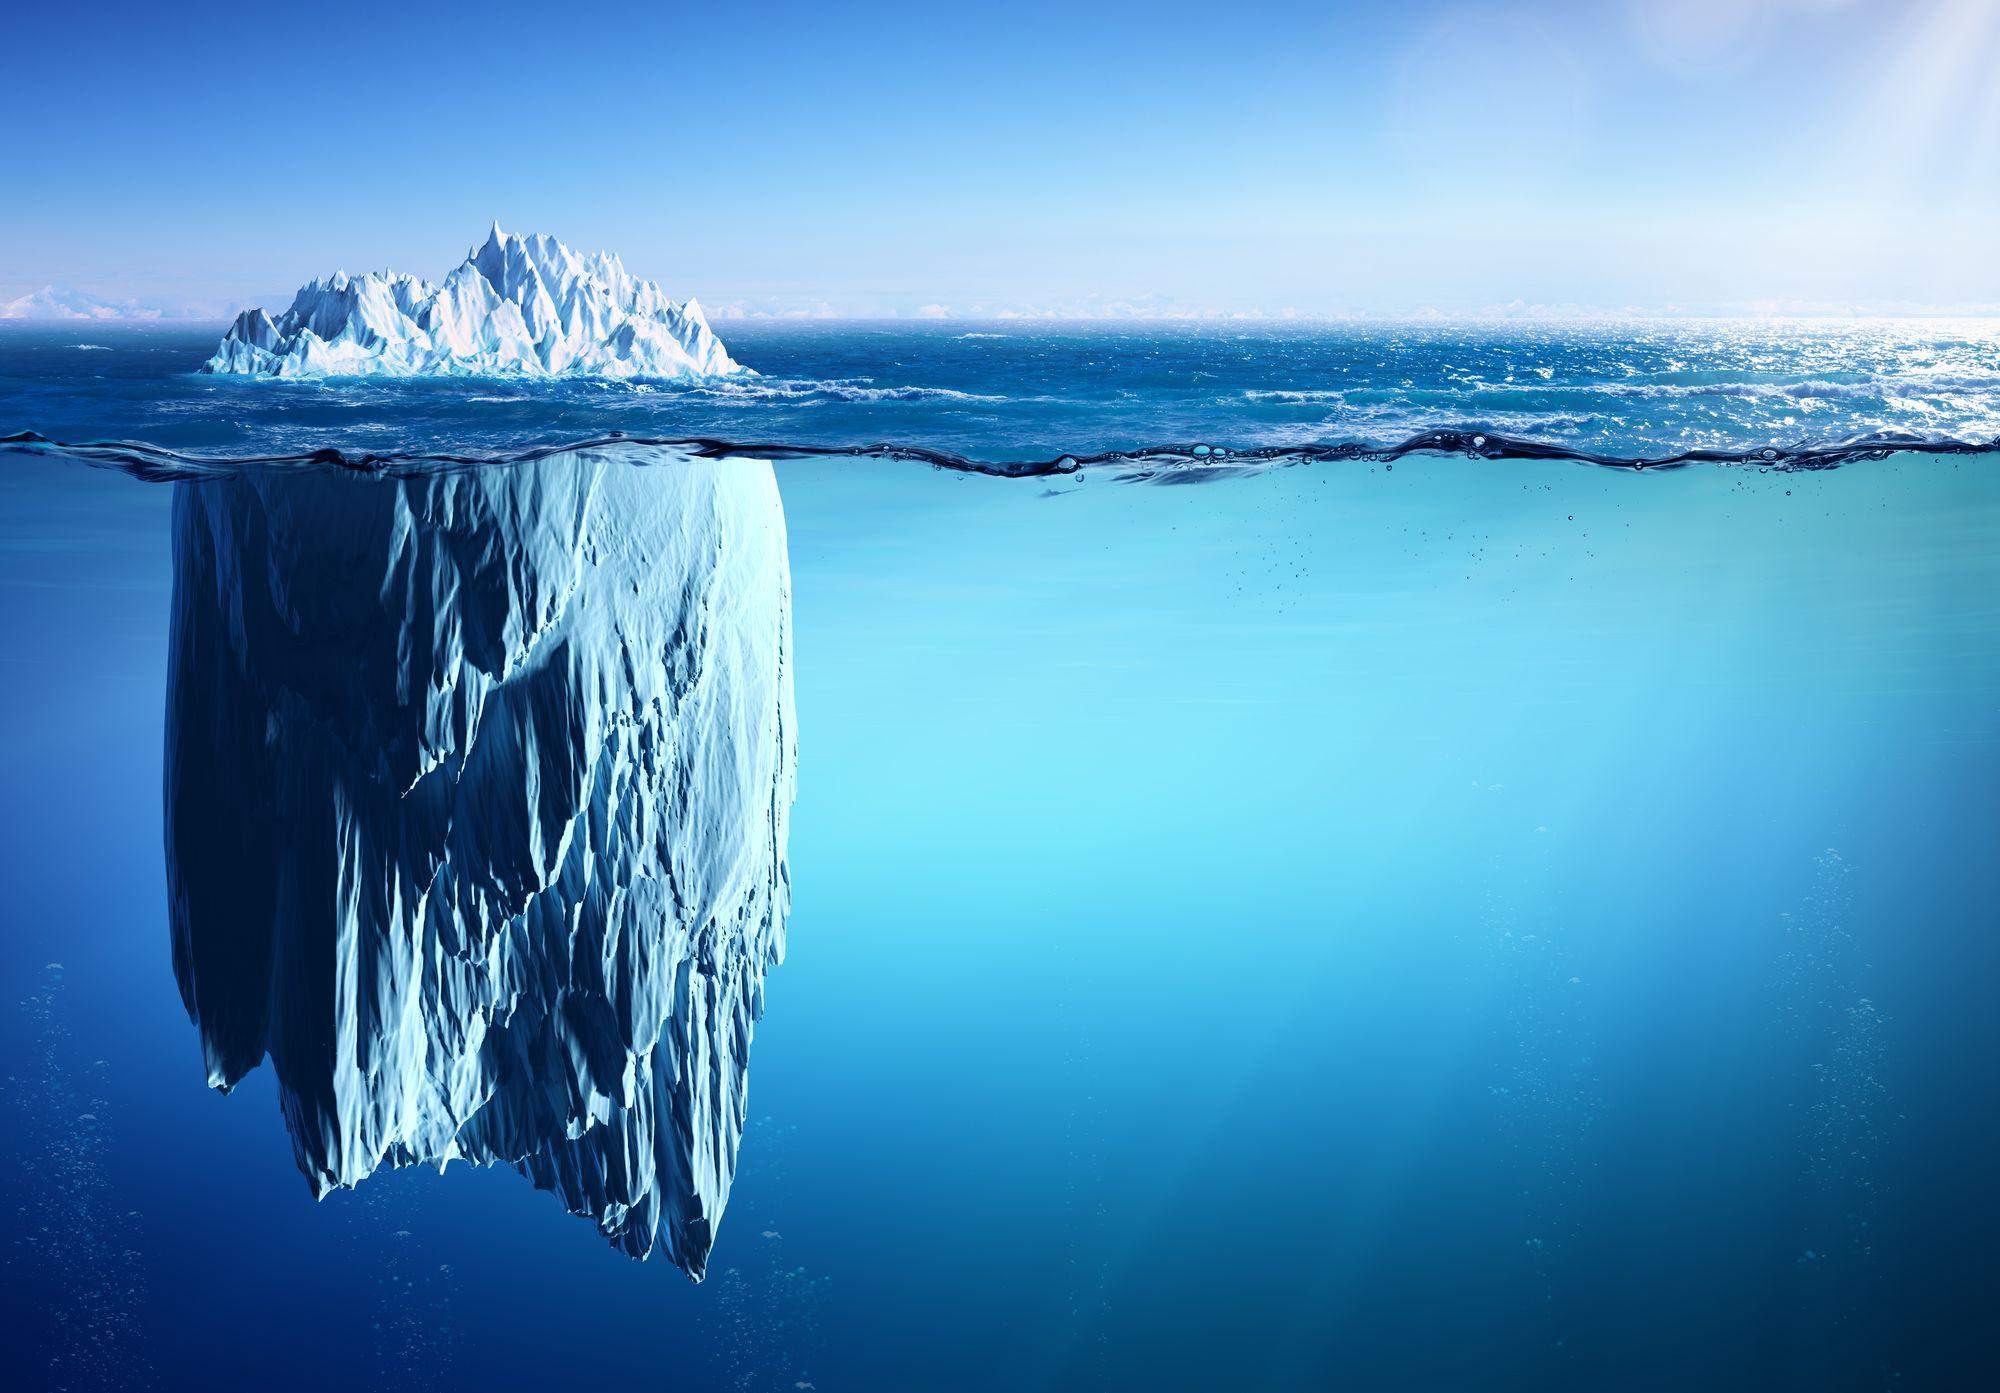 La malattia celiaca in Veneto: lavoriamo insieme per ridurre la parte sommersa dell'iceberg